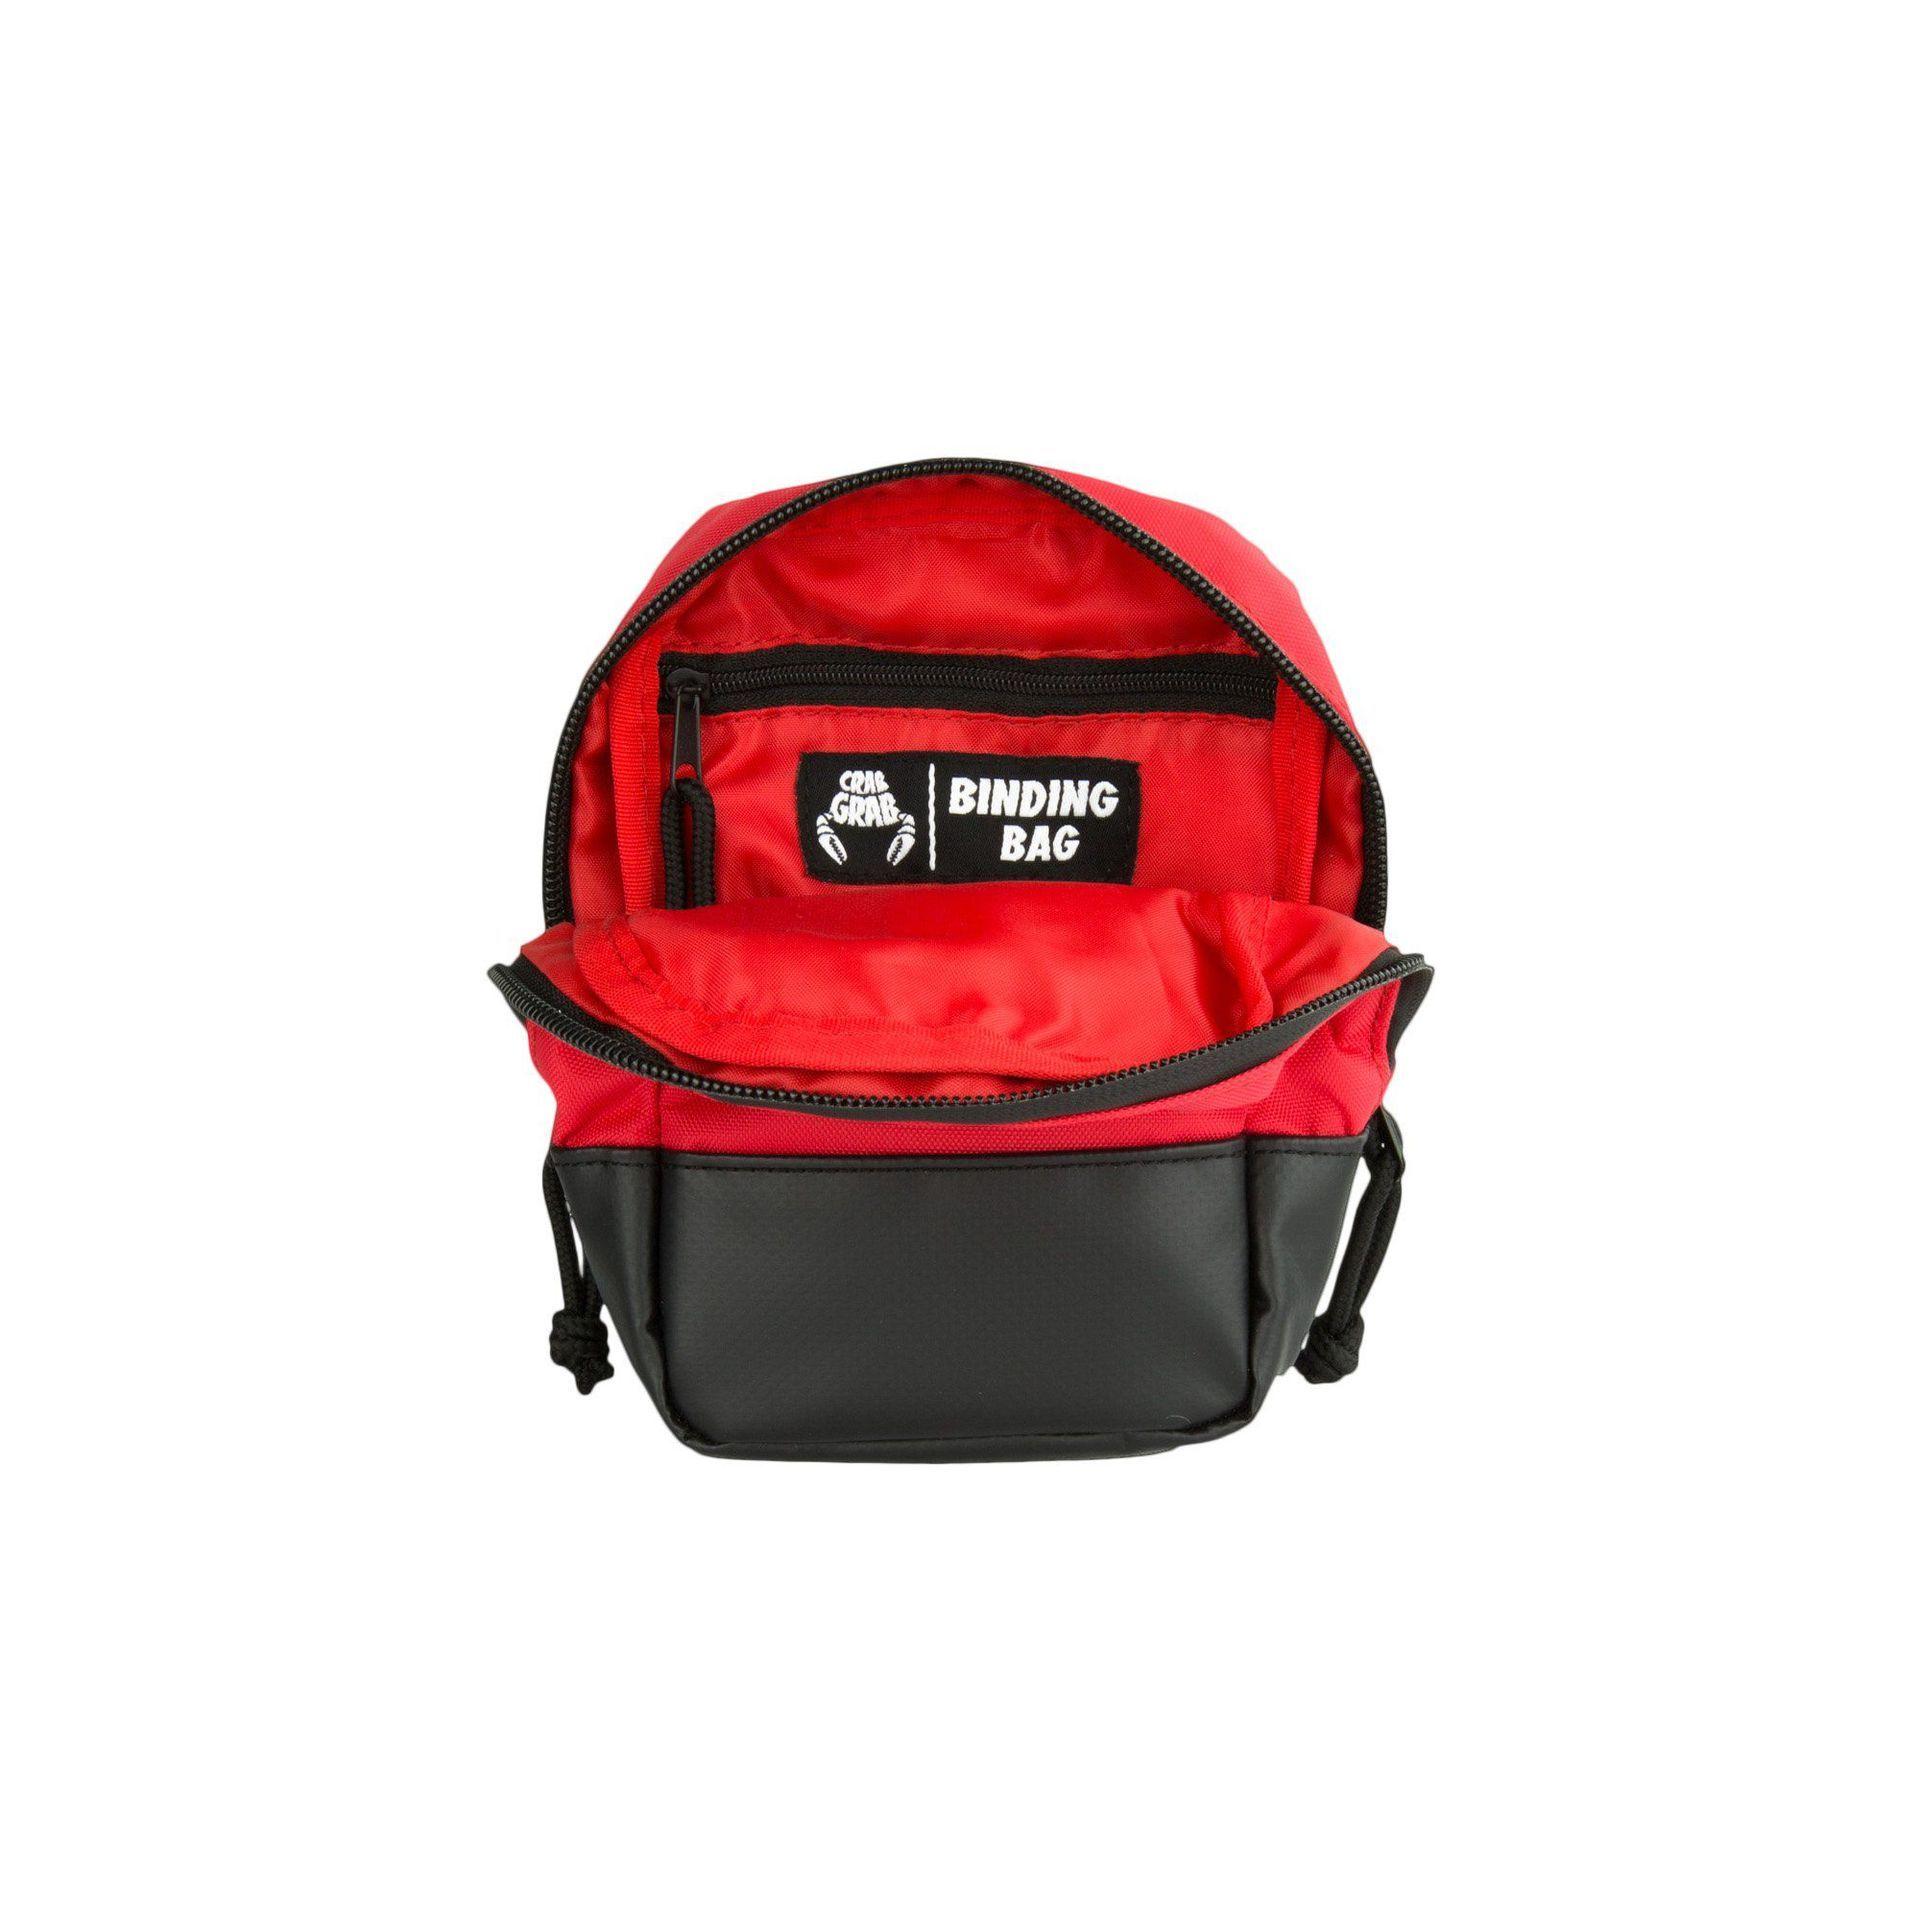 PLECACZEK DO WIĄZAŃ CRAB GRAB BINDING BAG RED 3